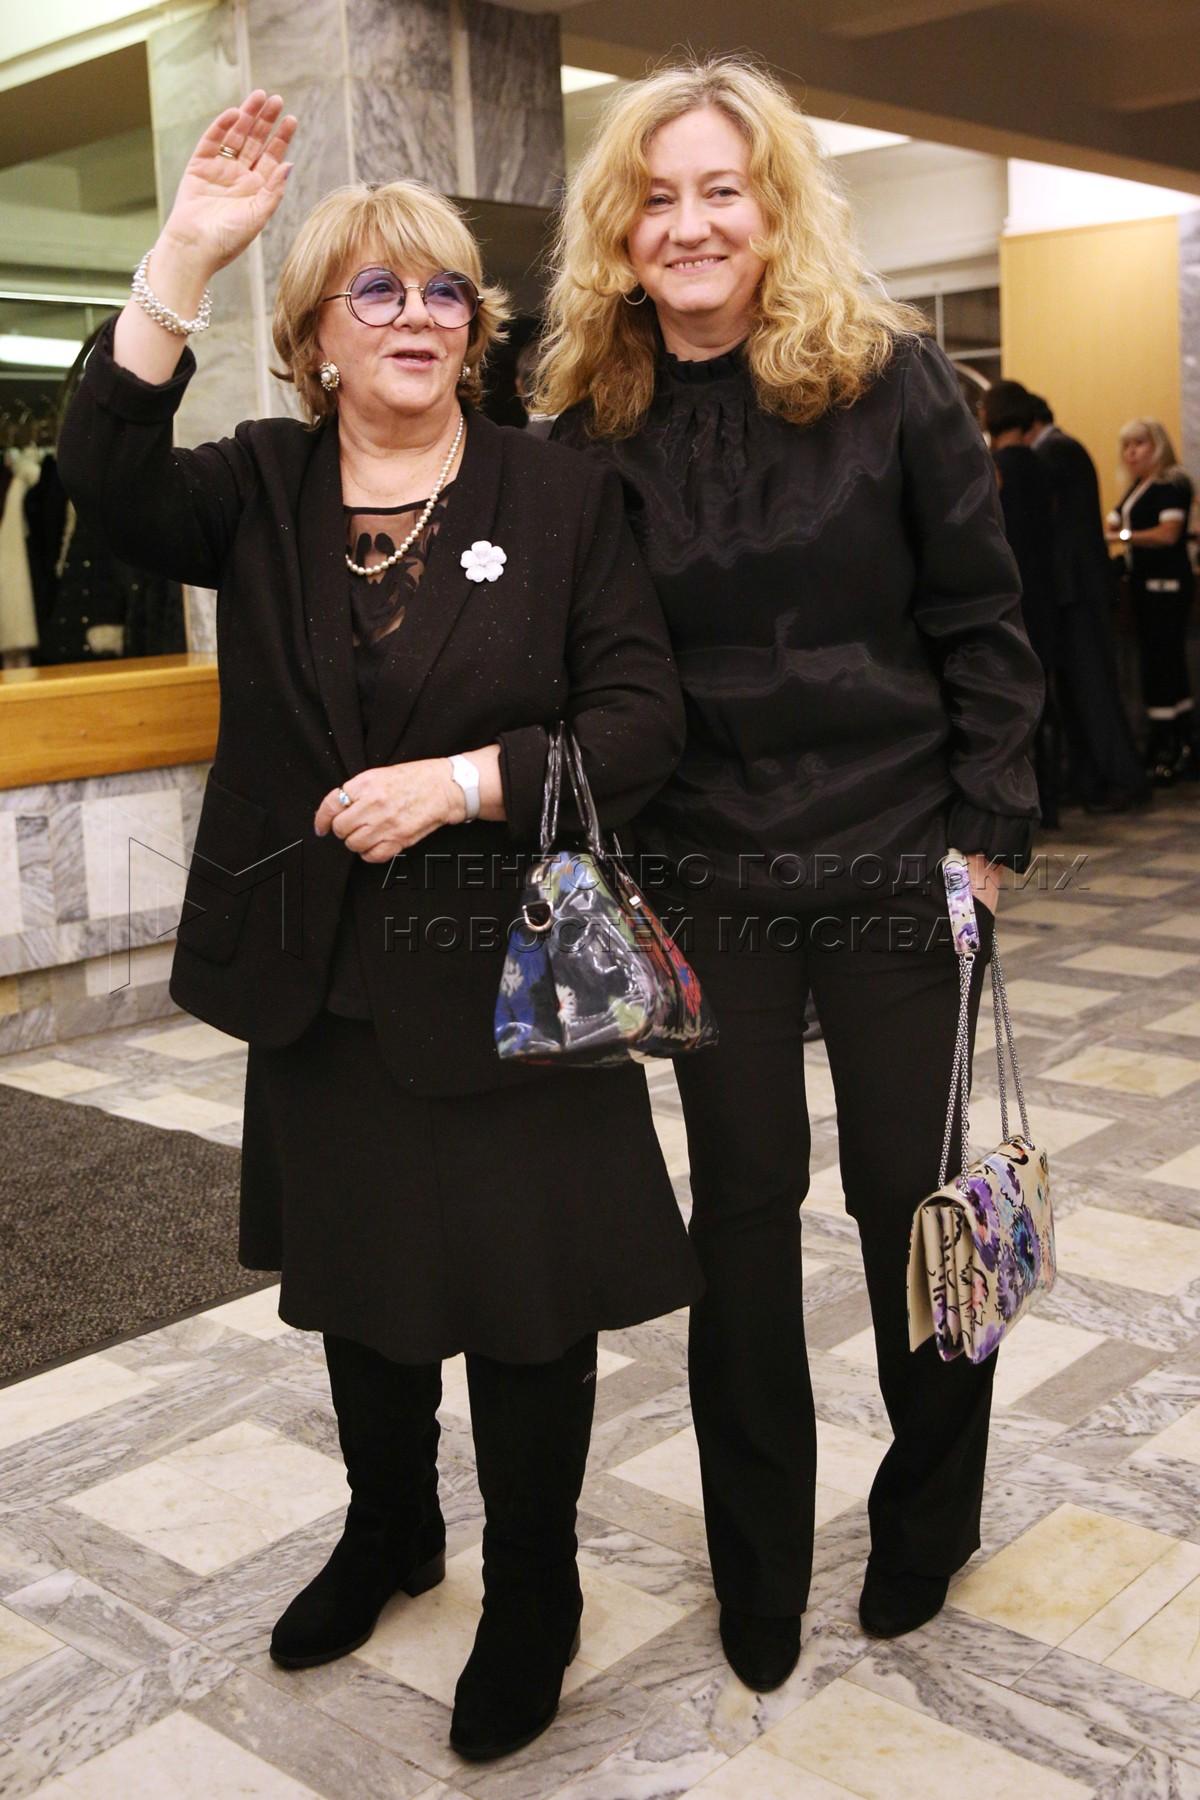 Режиссер Алла Сурикова (слева) перед началом церемонии вручения национальной кинопремии России «Золотой орел».